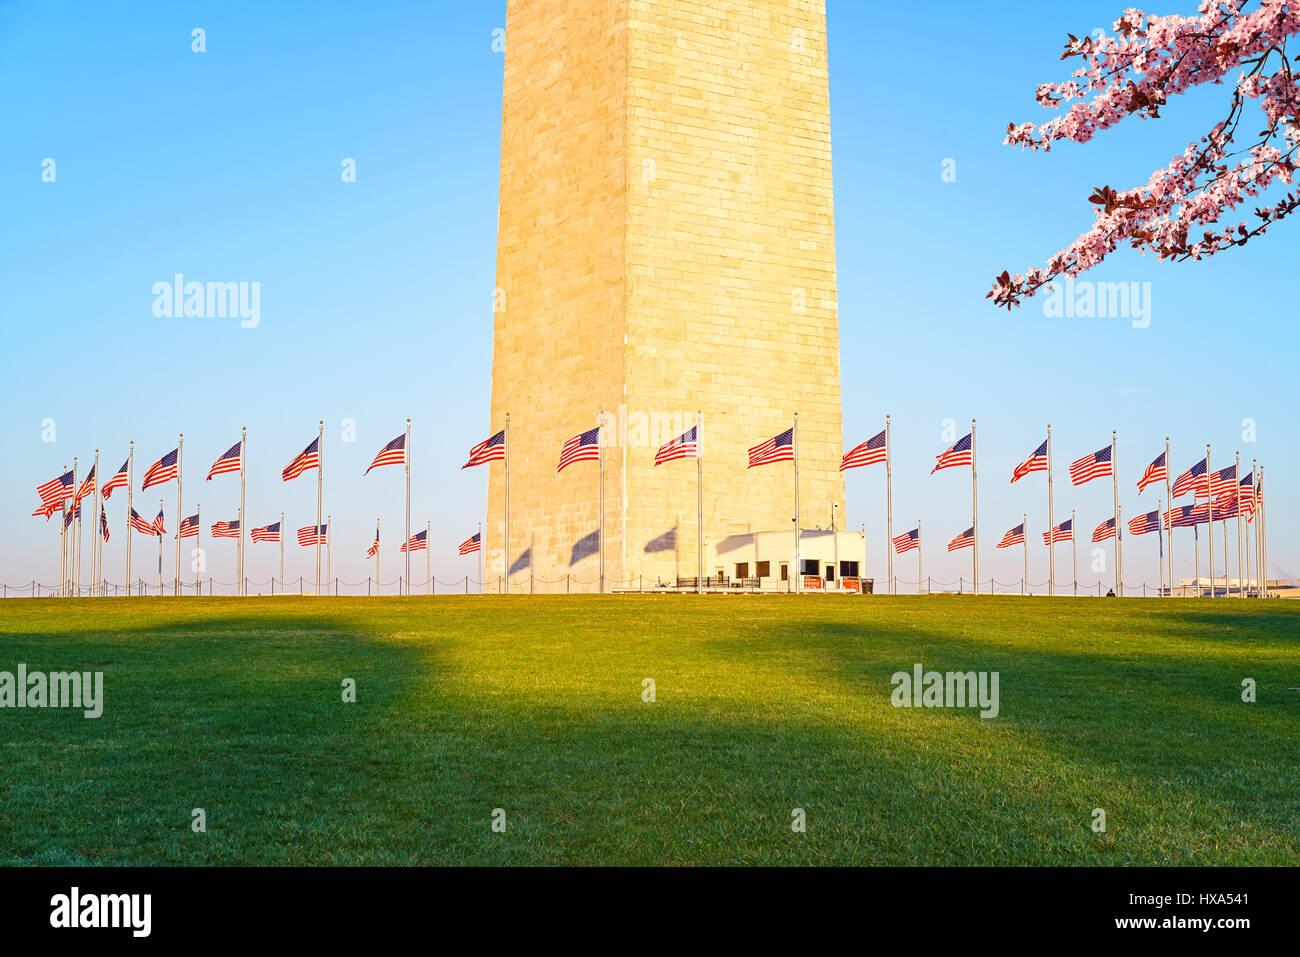 Flor de Cerezo cerca del Monumento a Washington, EE.UU. Imagen De Stock